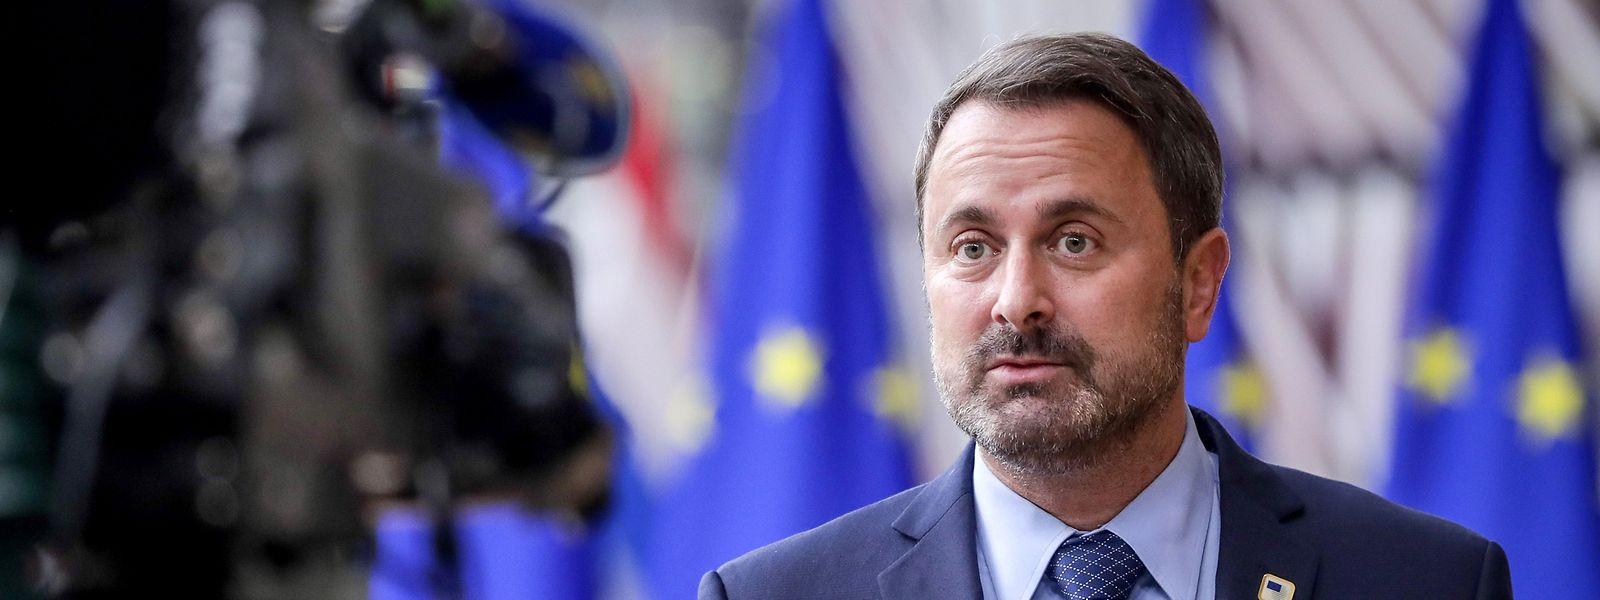 Premierminister Xavier Bettel wird in den nächsten Tagen, wegen der aktuell besorgniserregenden Corona-Infektionszahlen in Luxemburg eine außerordentliche Sitzung des Regierungsrats einberufen.